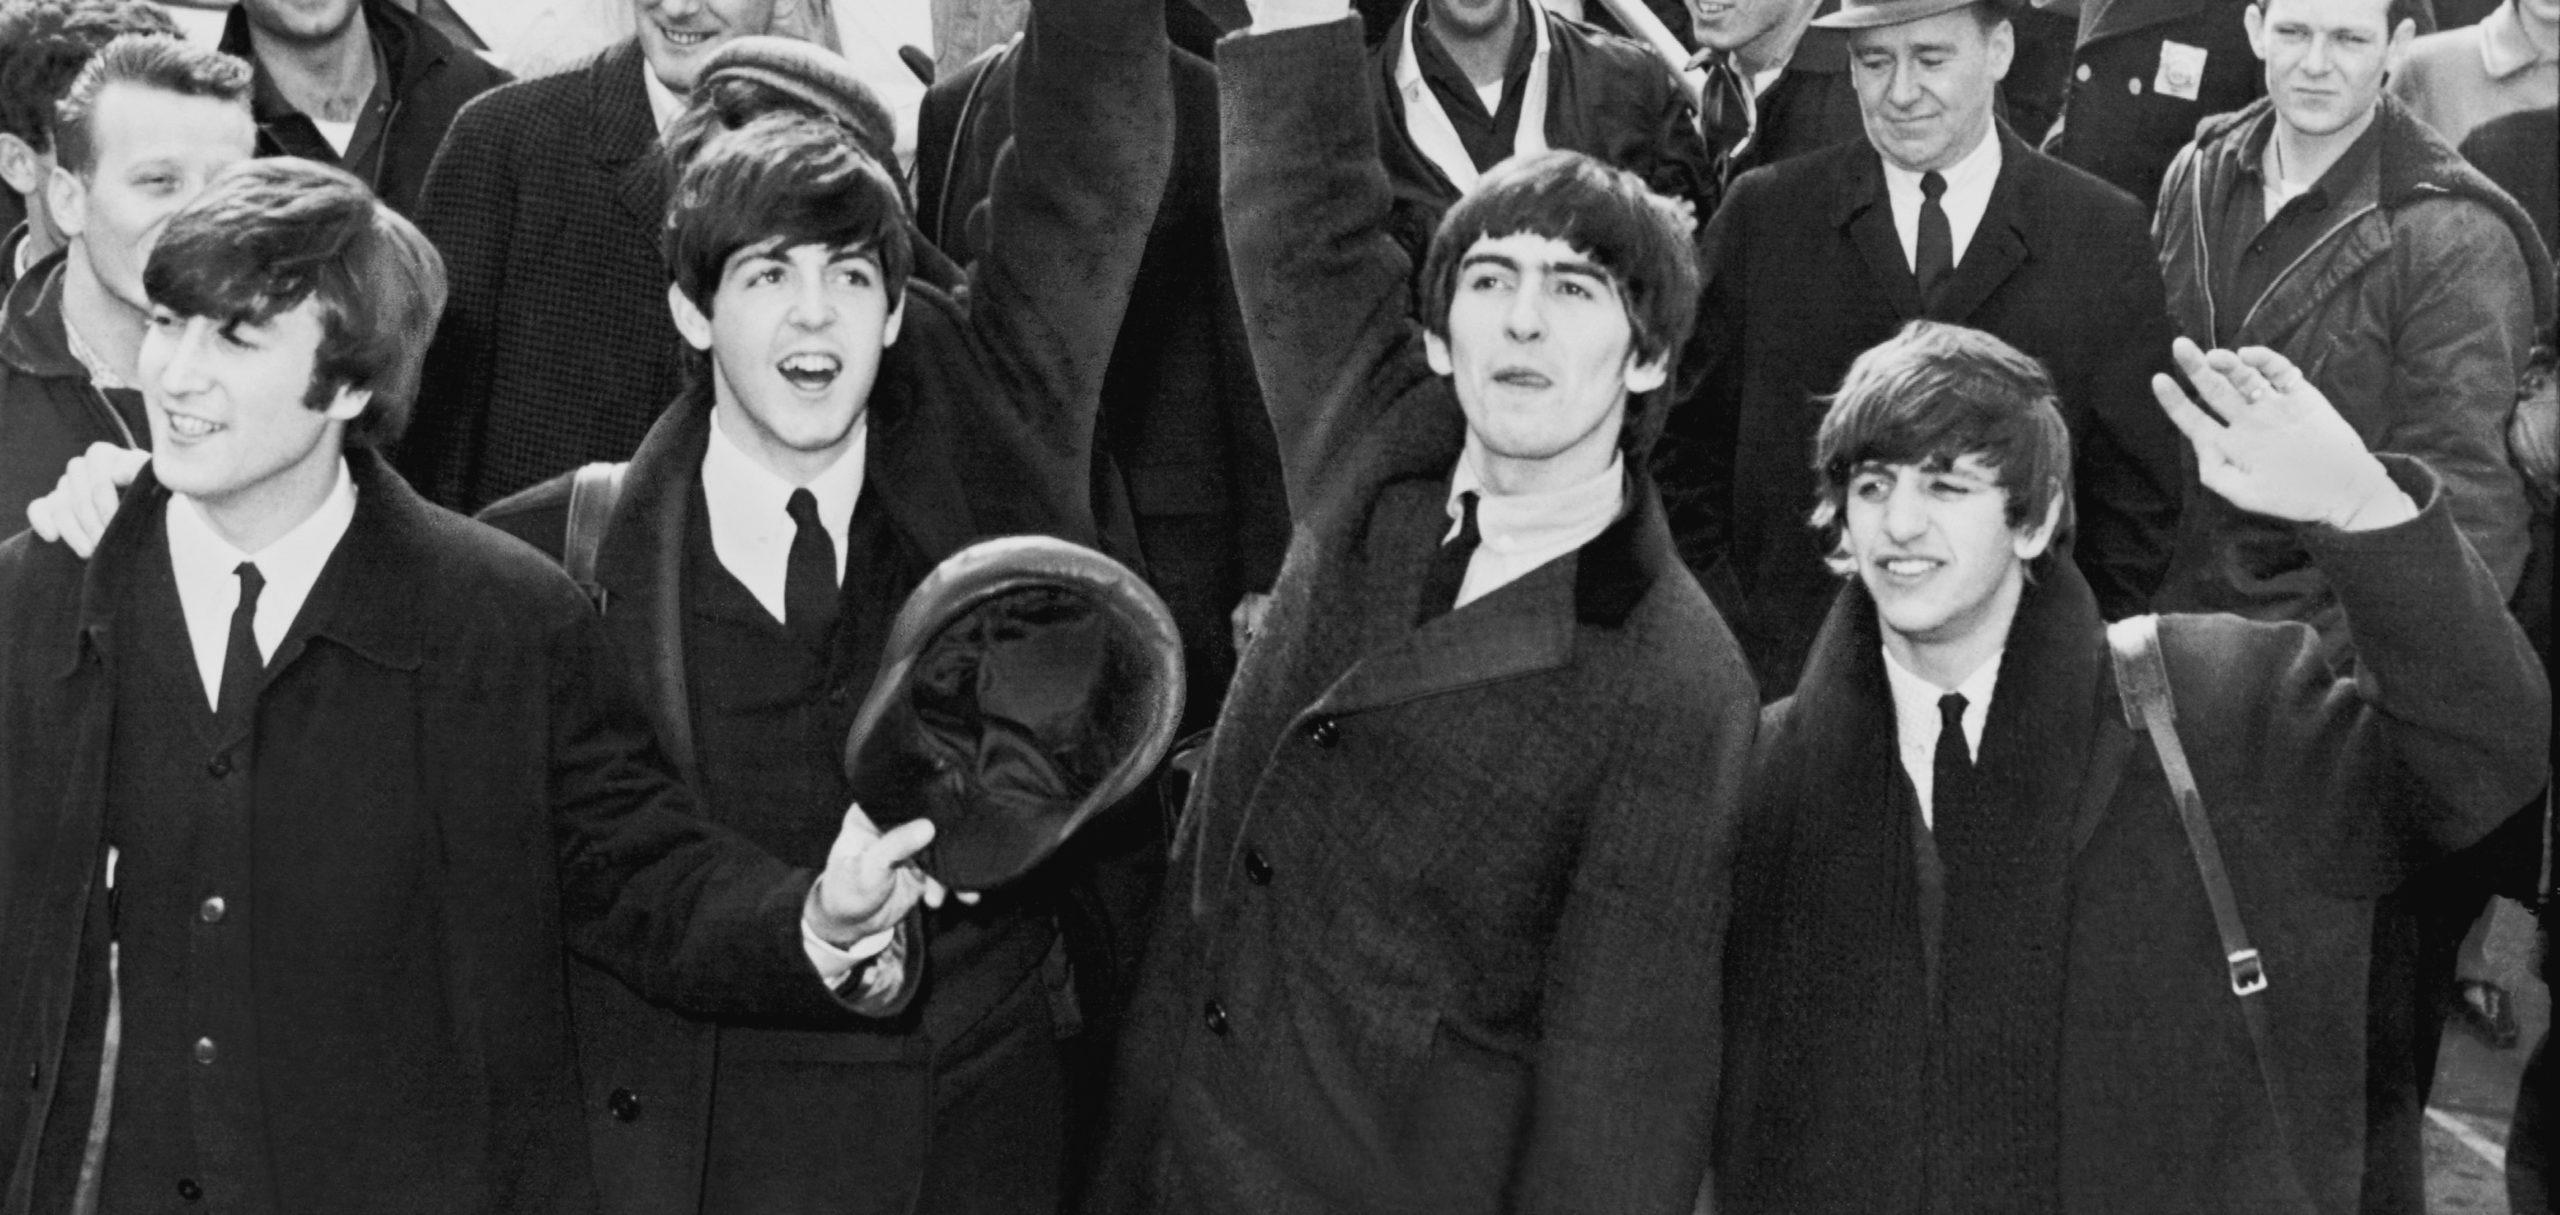 Historia de The Beatles